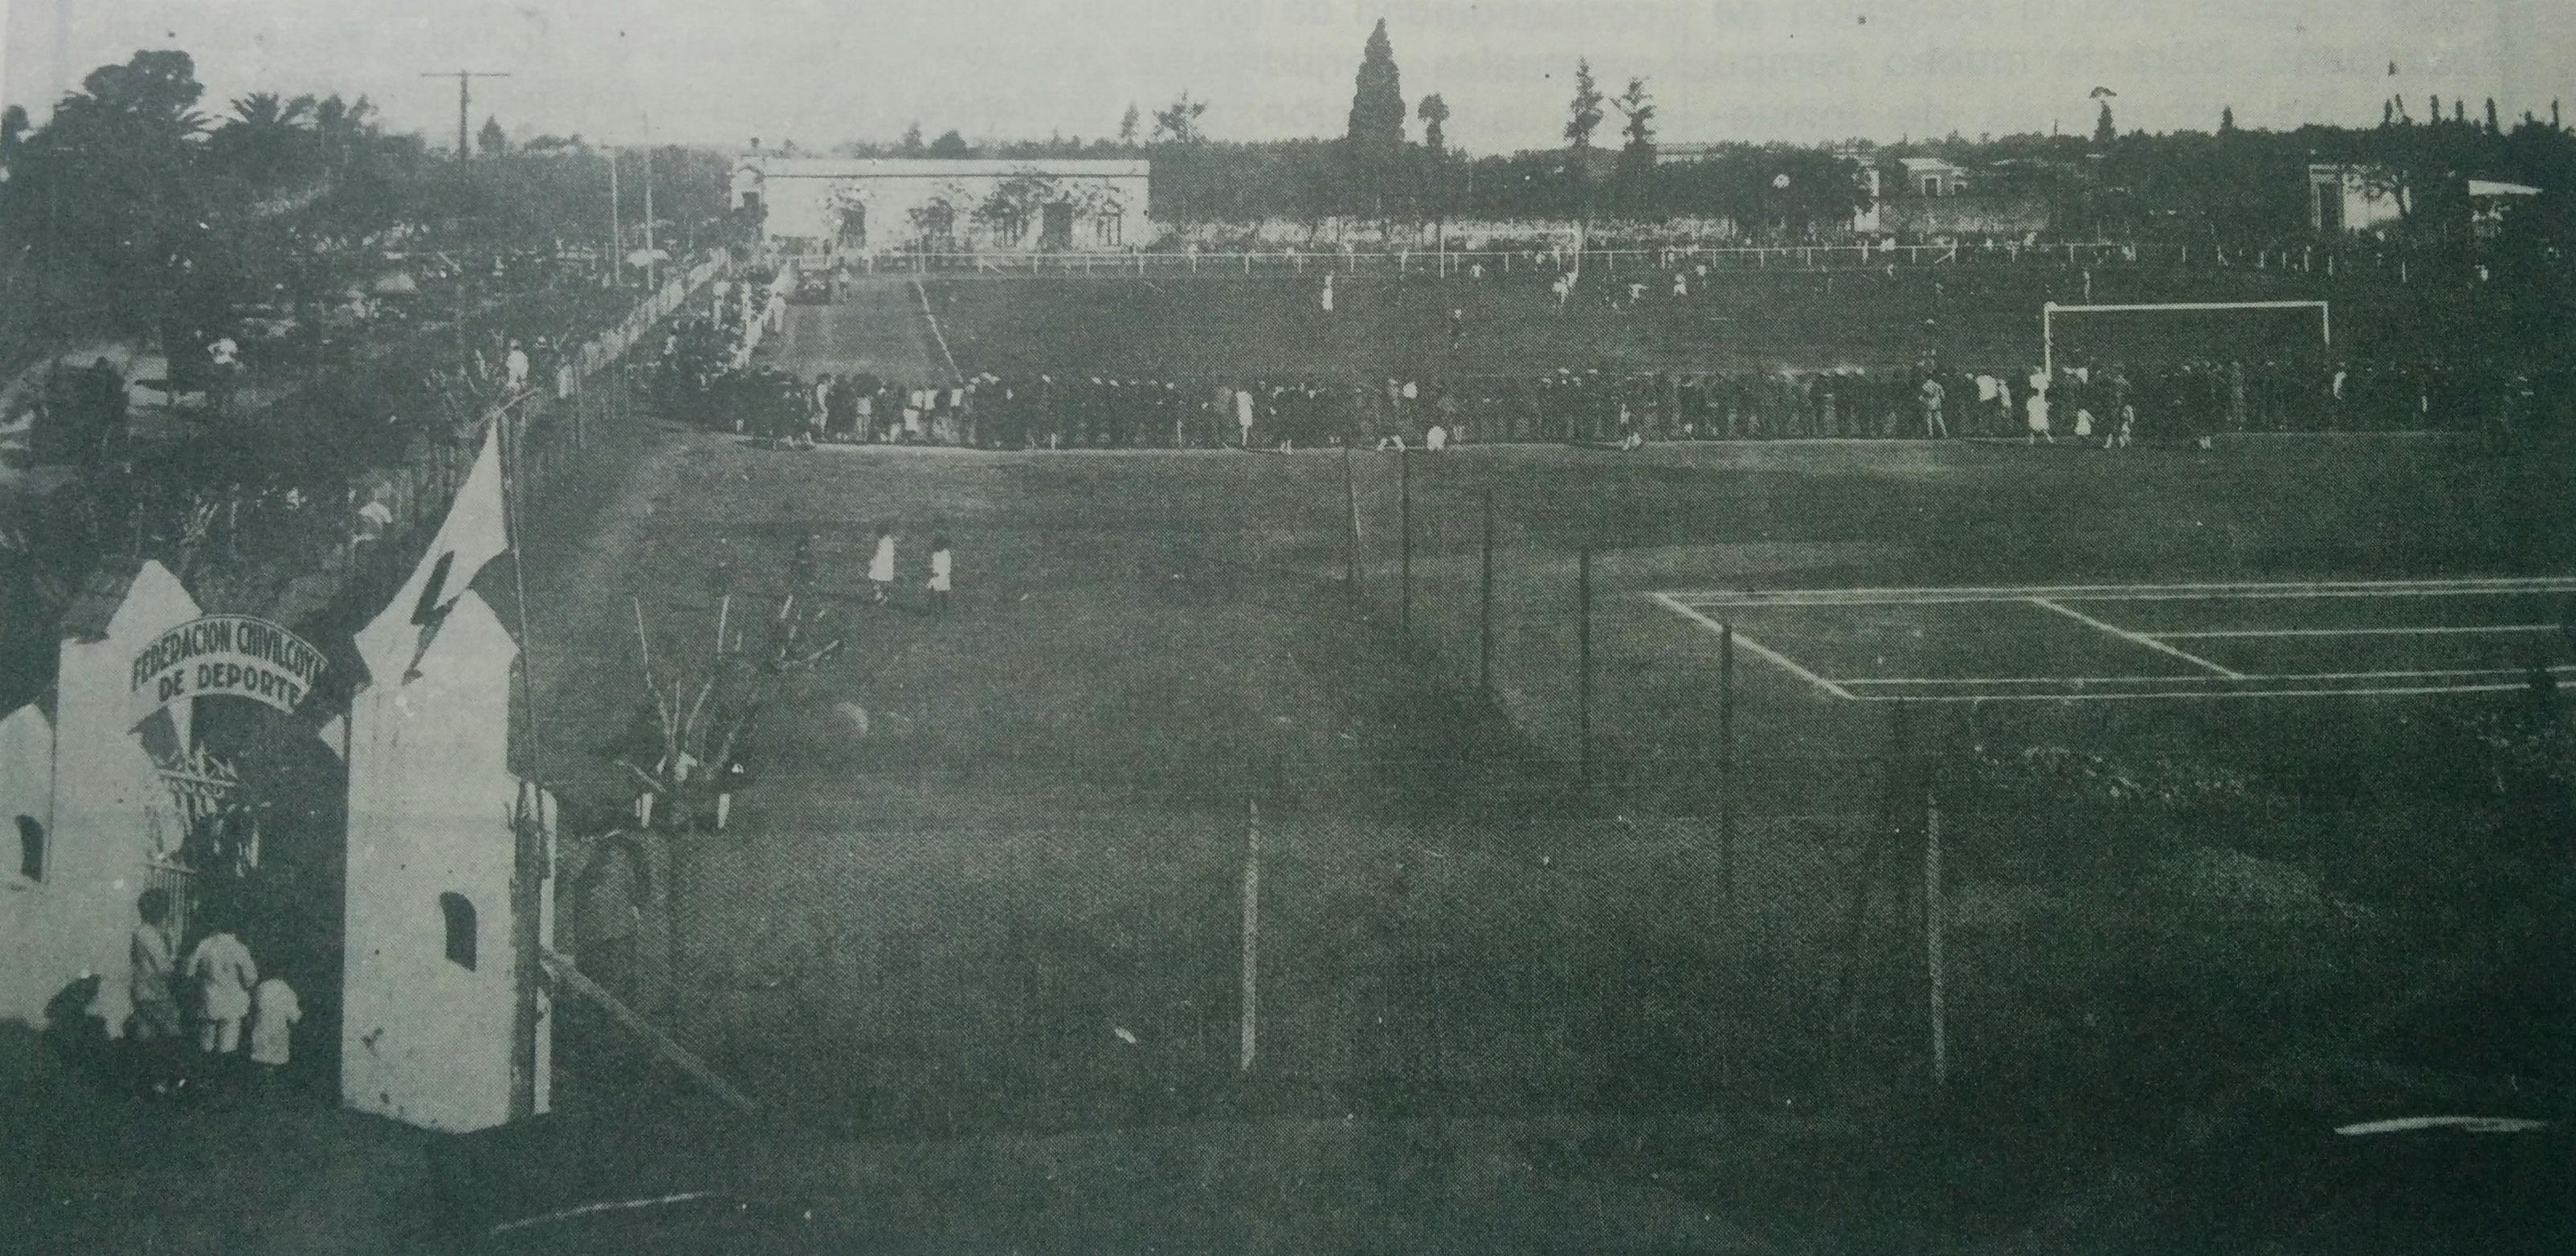 Viejo Estadio de la Federación, inaugurado el 9 de julio de 1926.